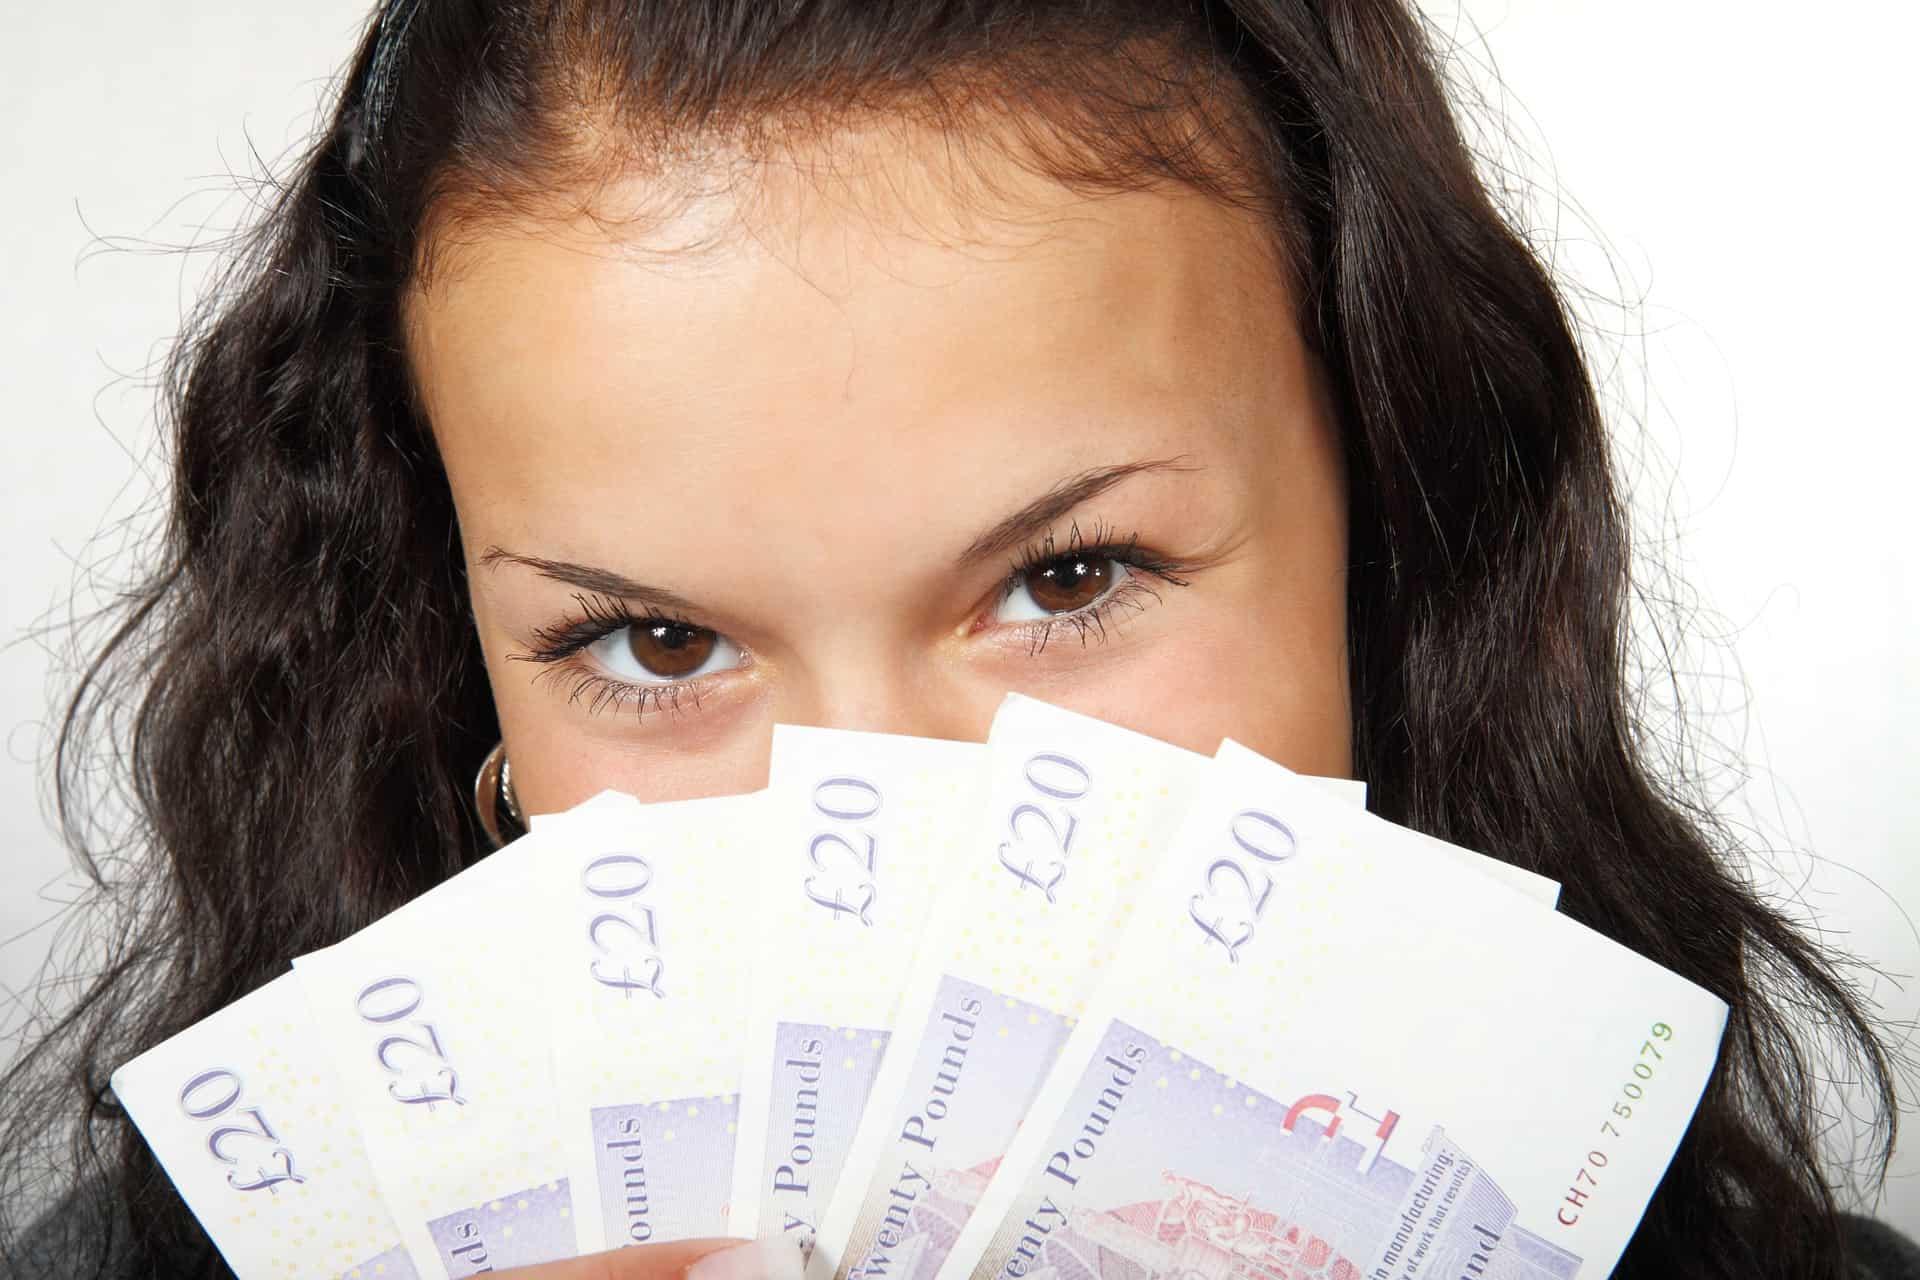 Negocjacje warunków transakcji - 4 obszary, w których agent nieruchomości może pomóc